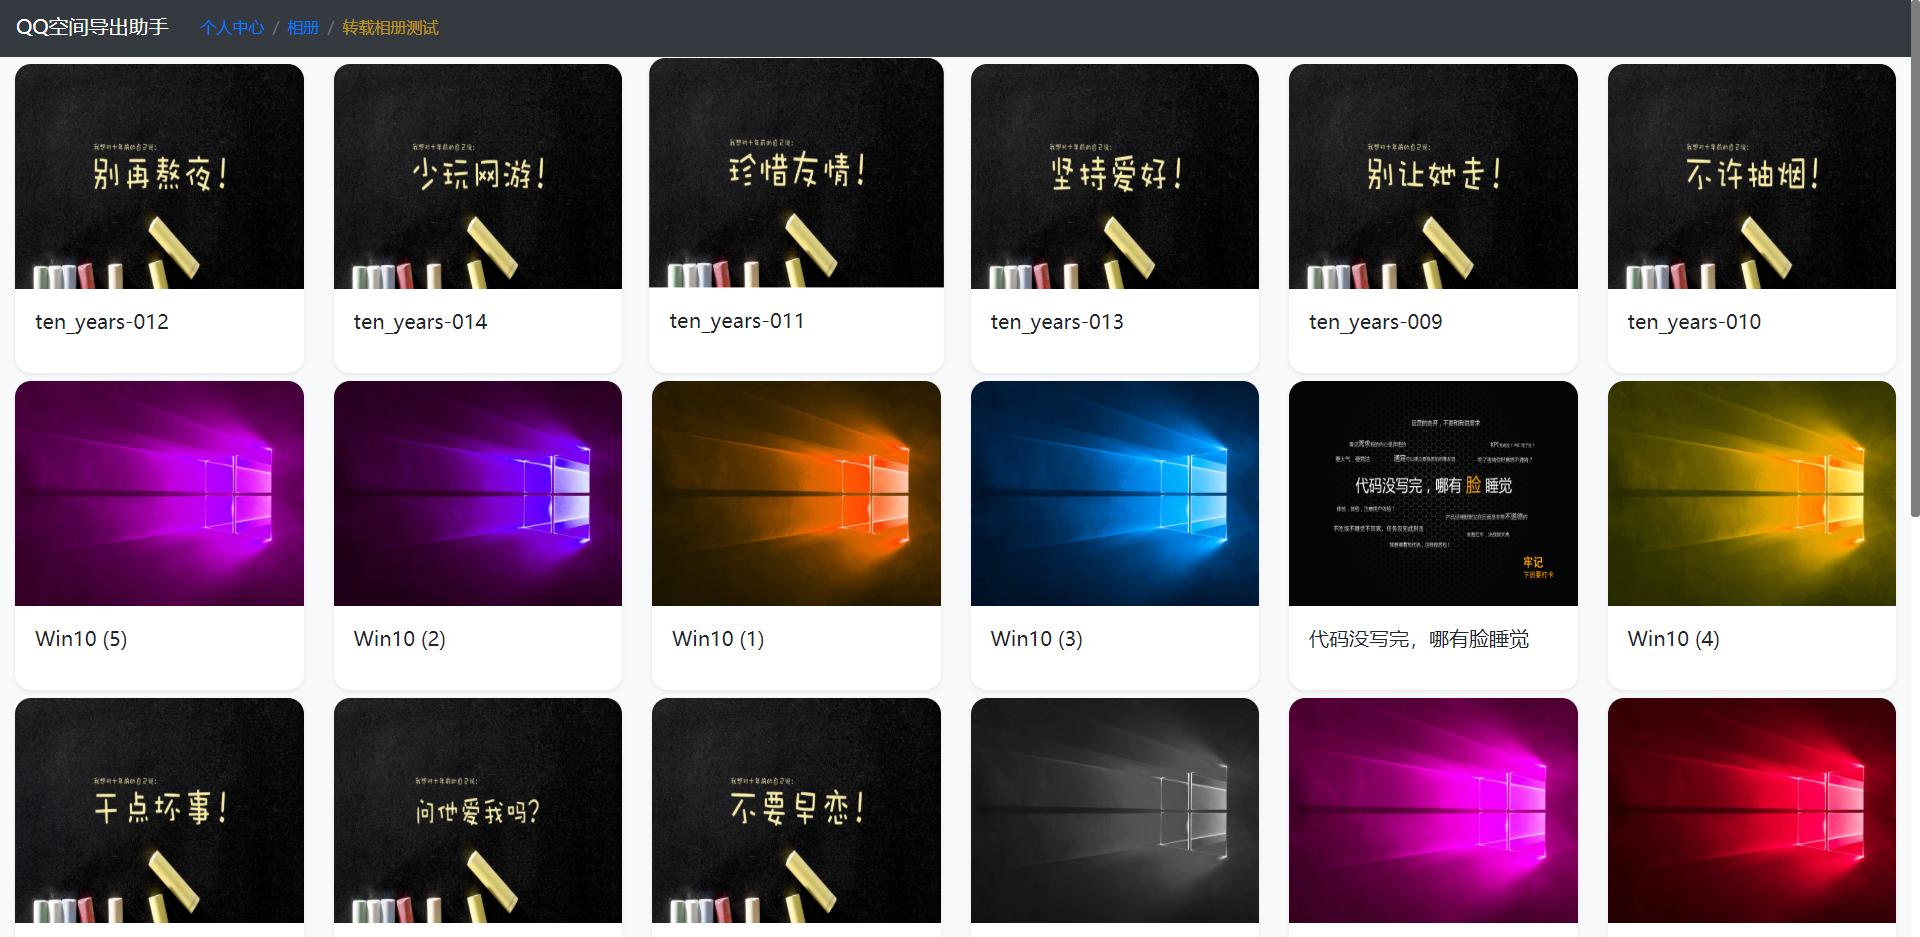 QQ空间备份-相片列表